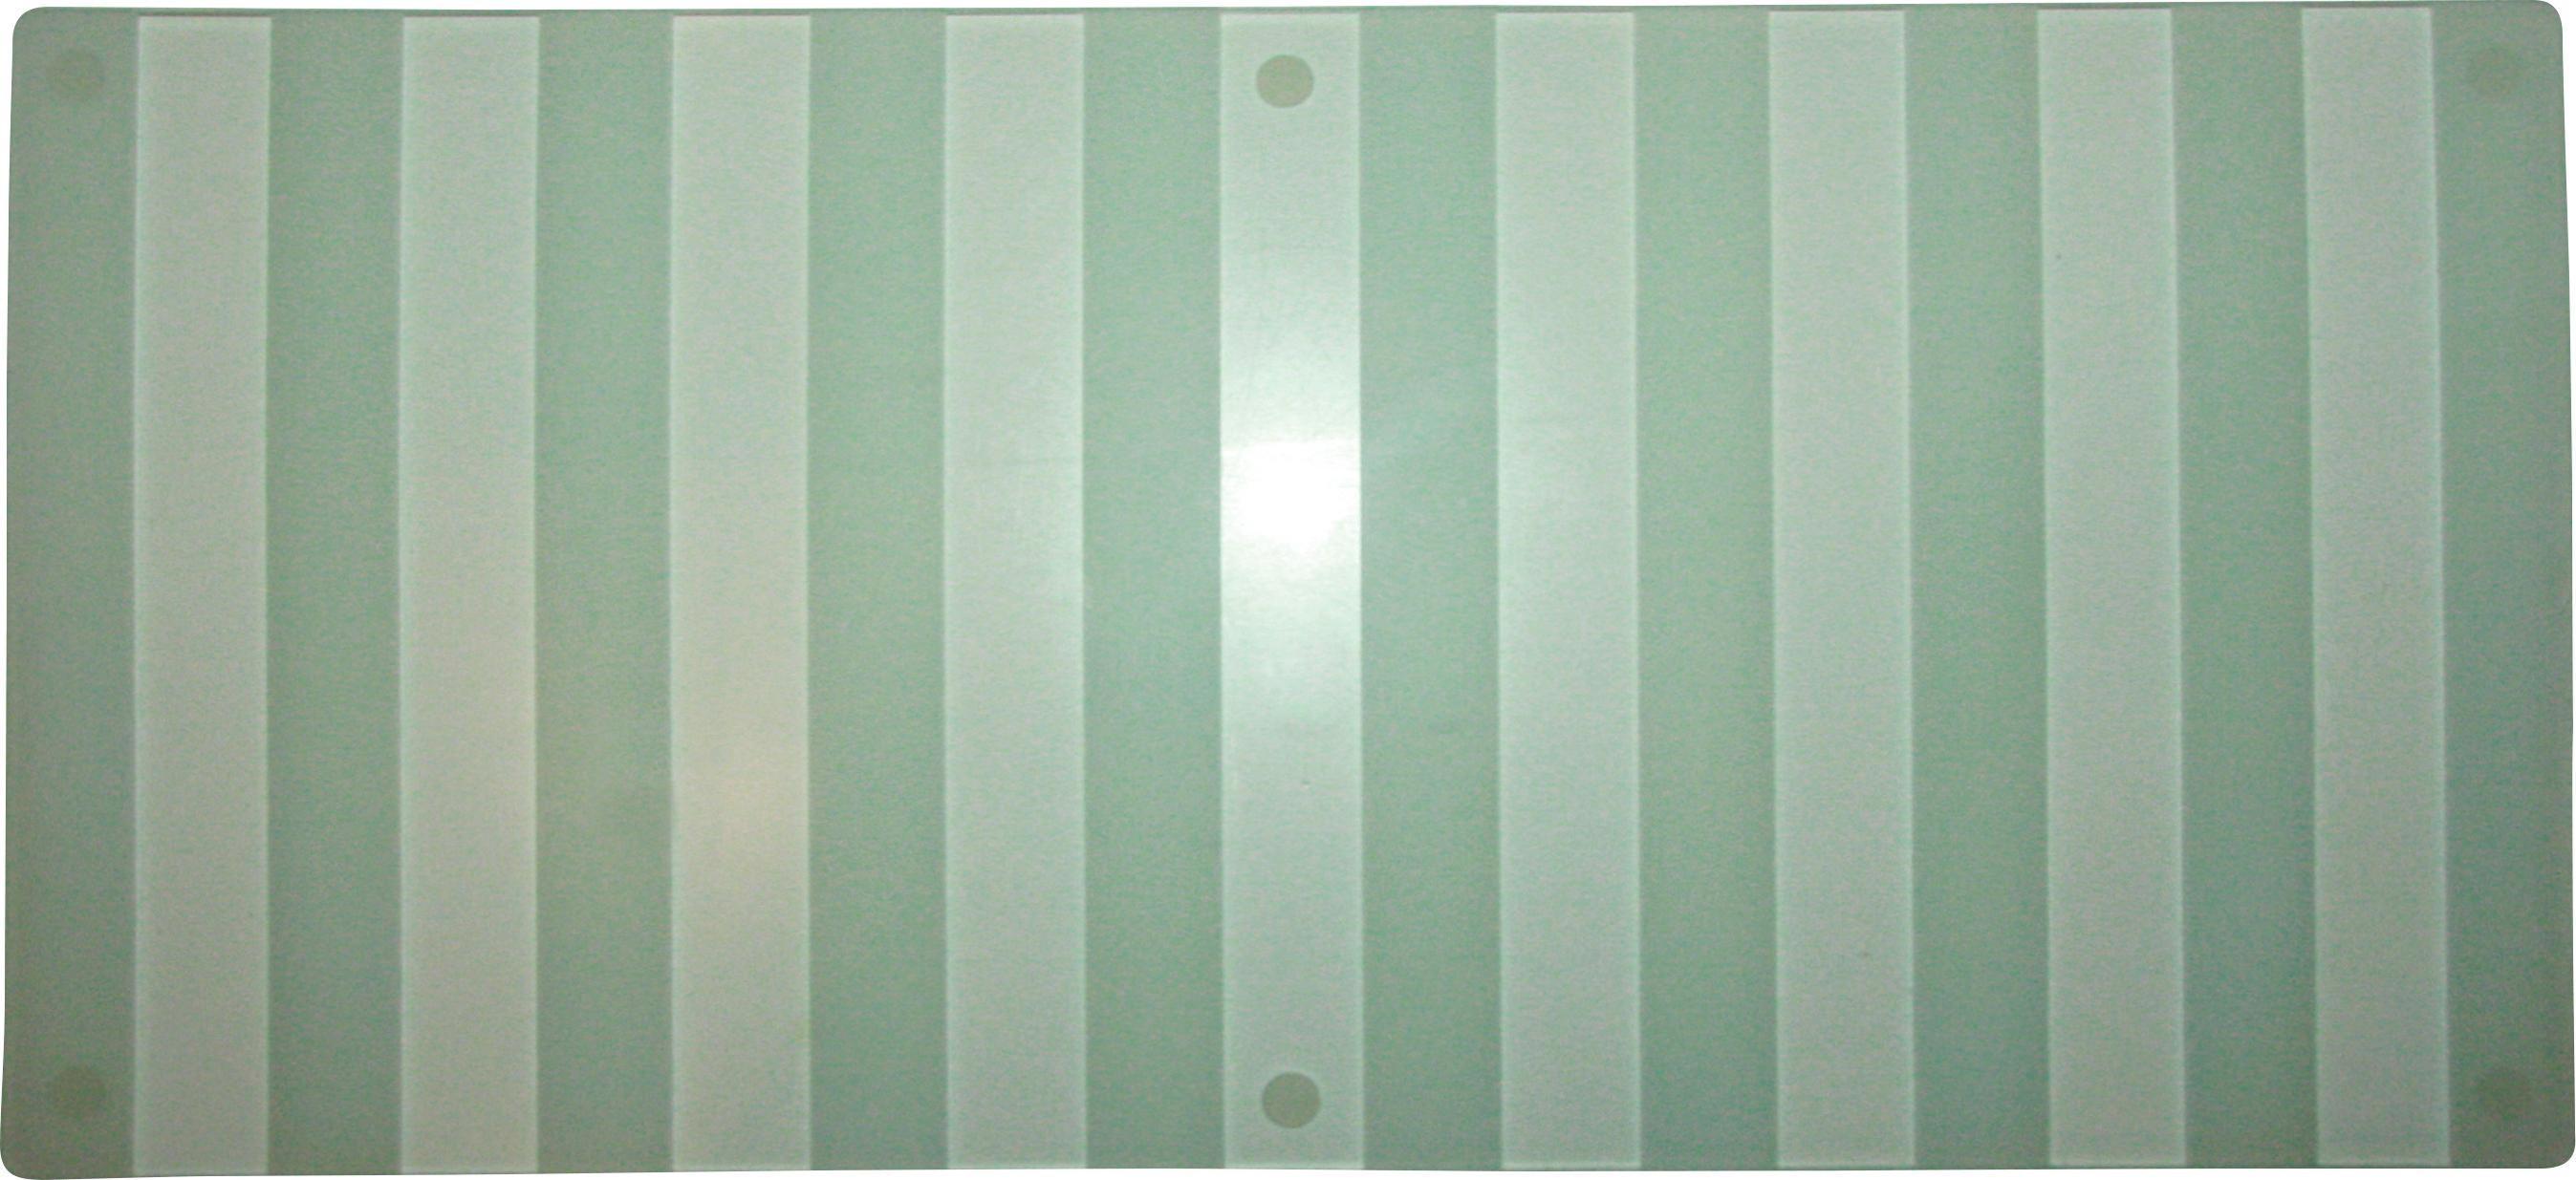 Főzőlap Védő Patty - tiszta/fehér, üveg (56/27/0,5cm) - MÖMAX modern living